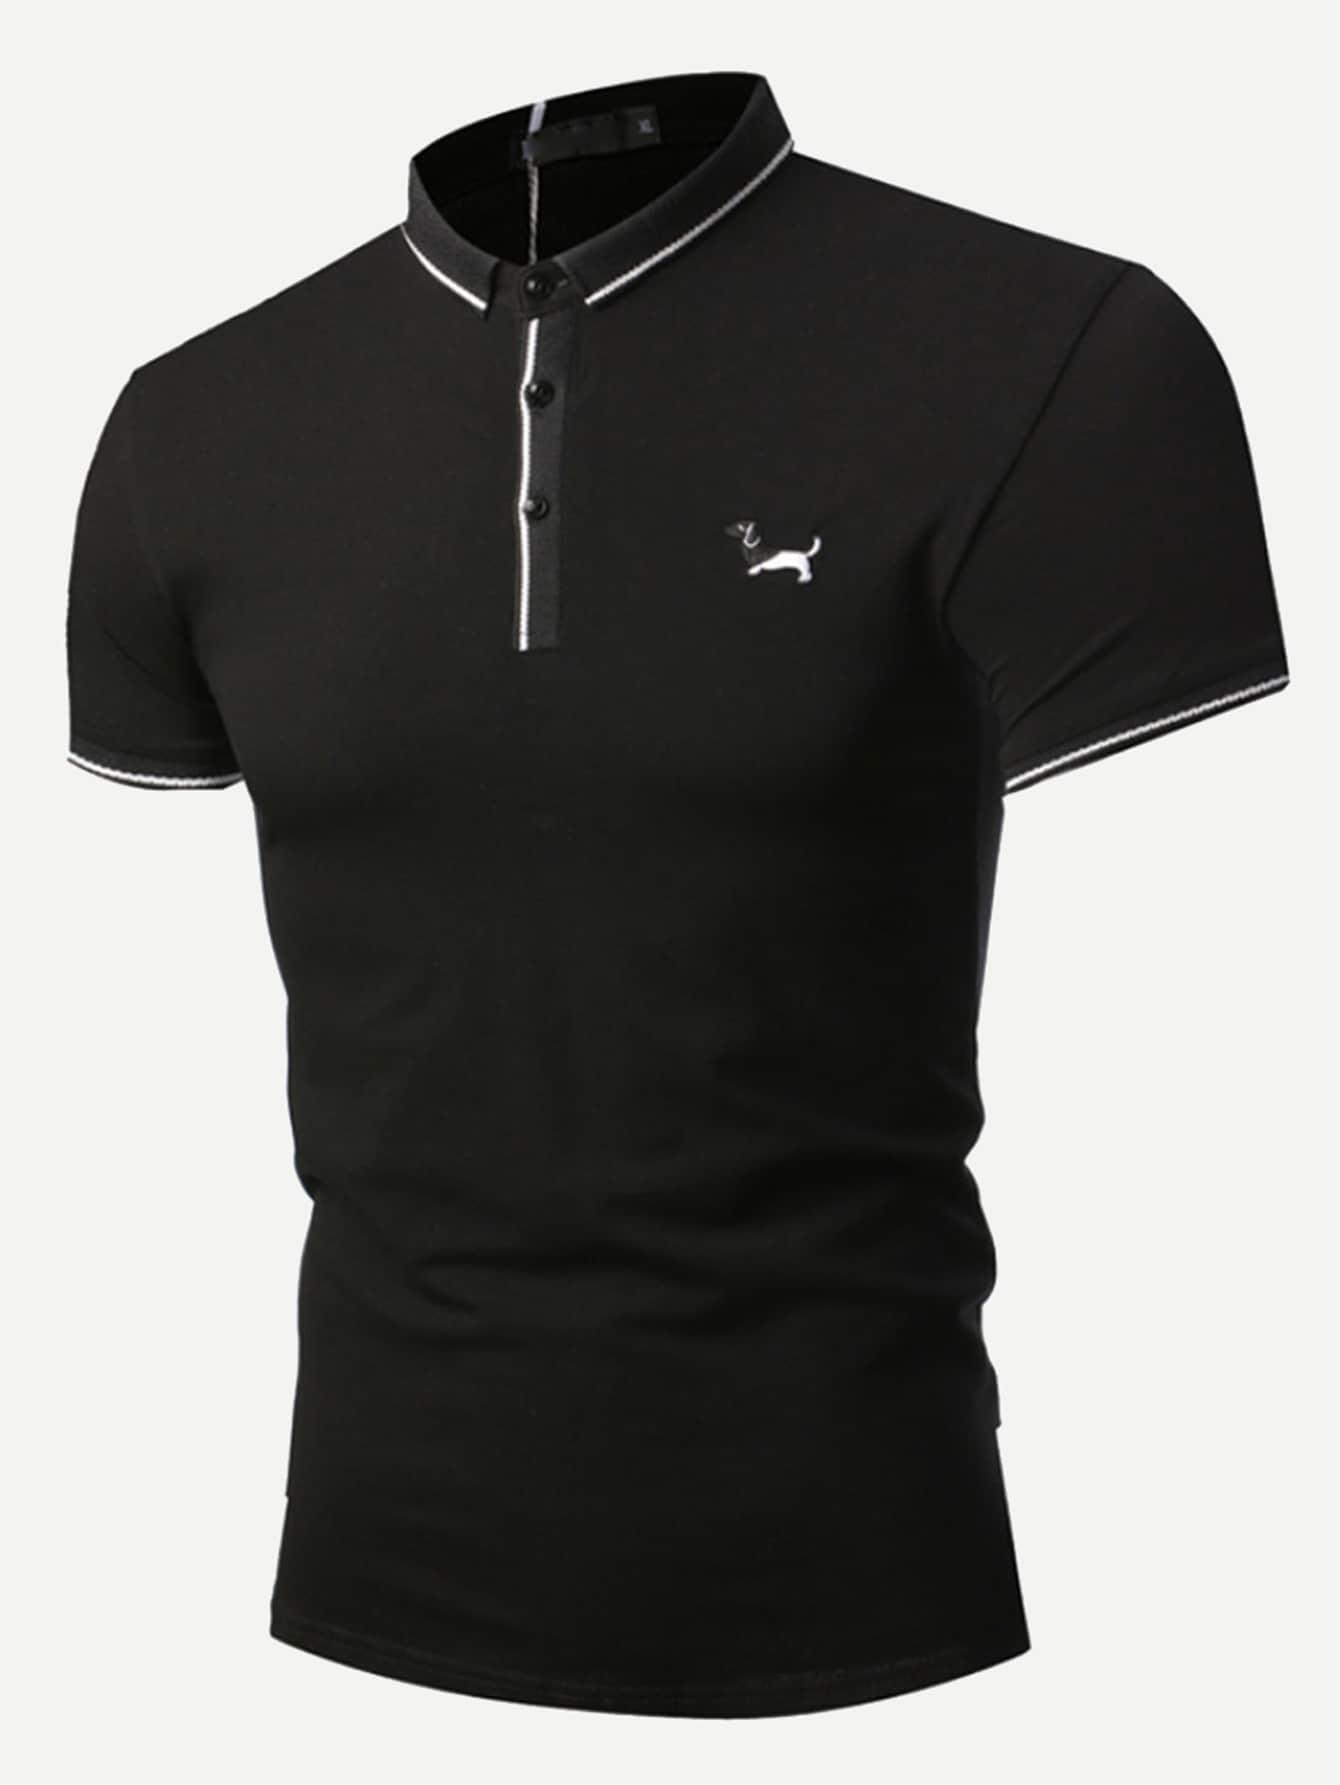 Купить Мужская поло футболка с украшением пуговицы, null, SheIn